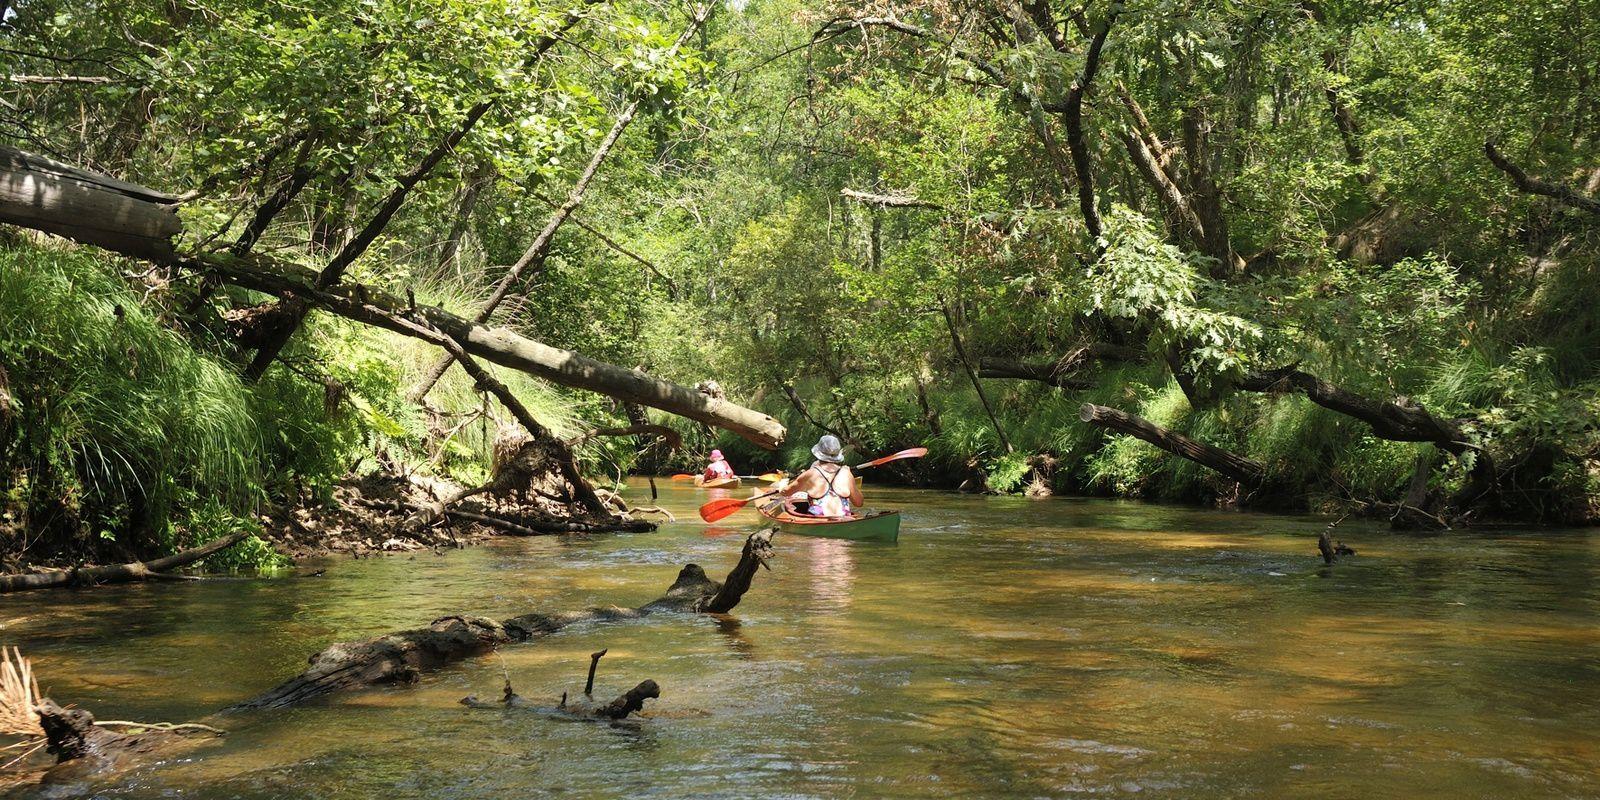 la Leyre, en kayak et canoë bois, du 22 au 29 juillet, de Mexico au Bassin d'Arcachon